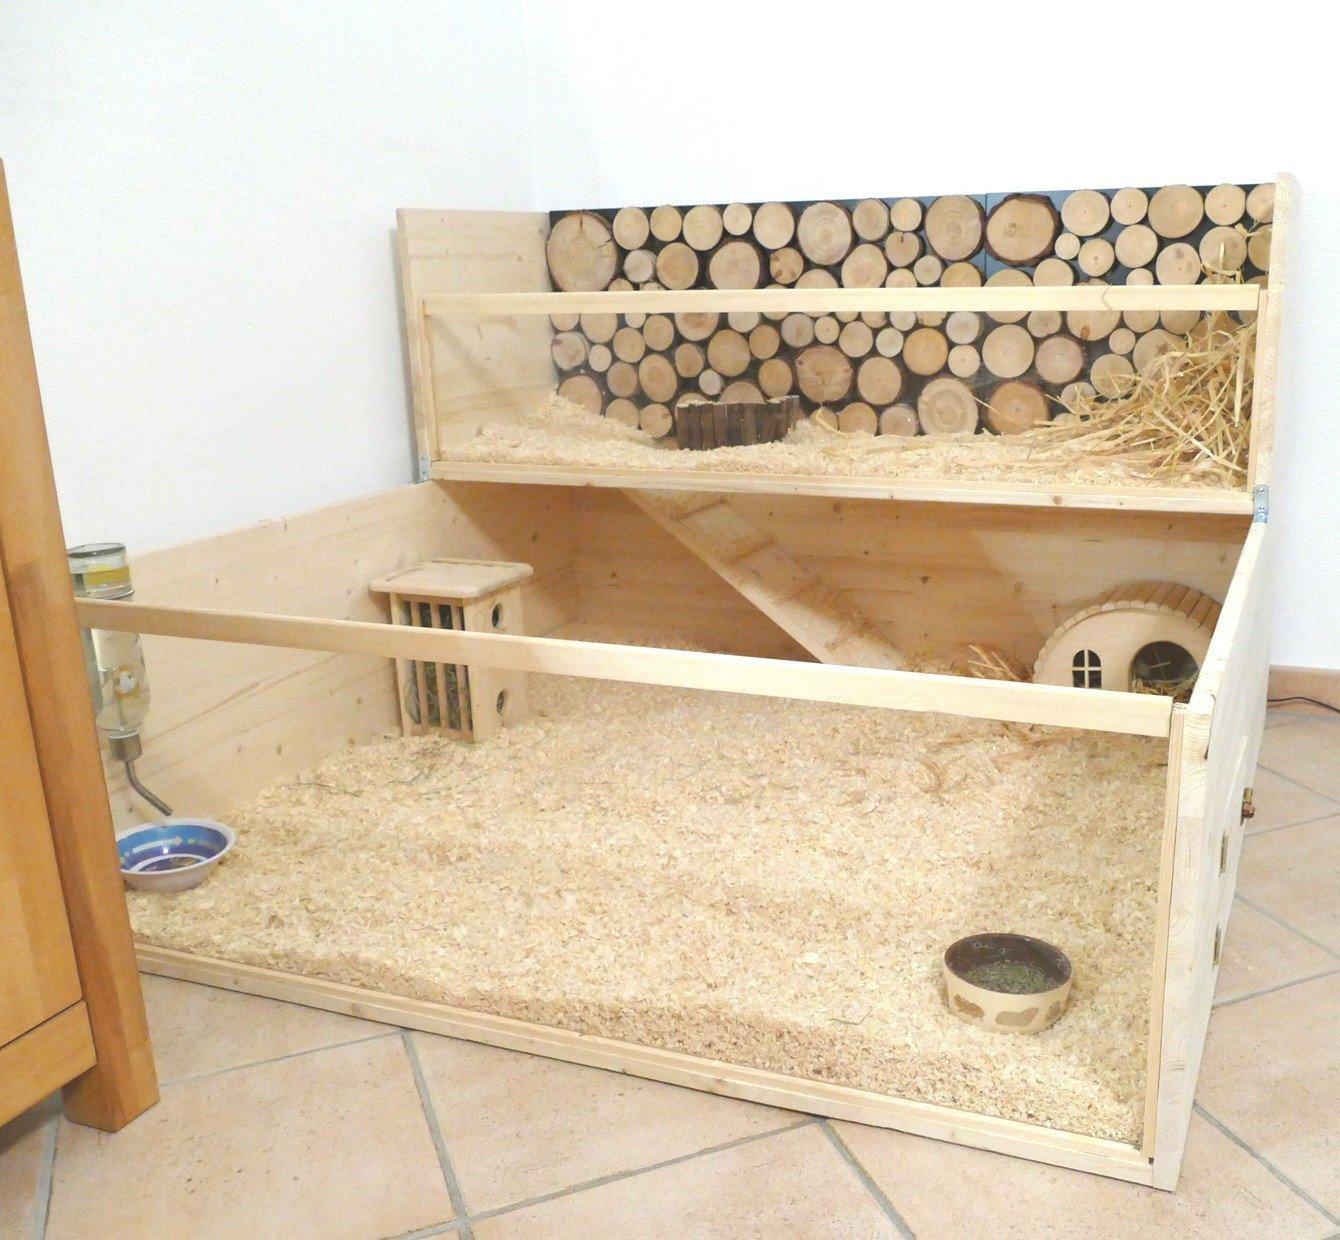 Hamsterkäfig Holz riesig